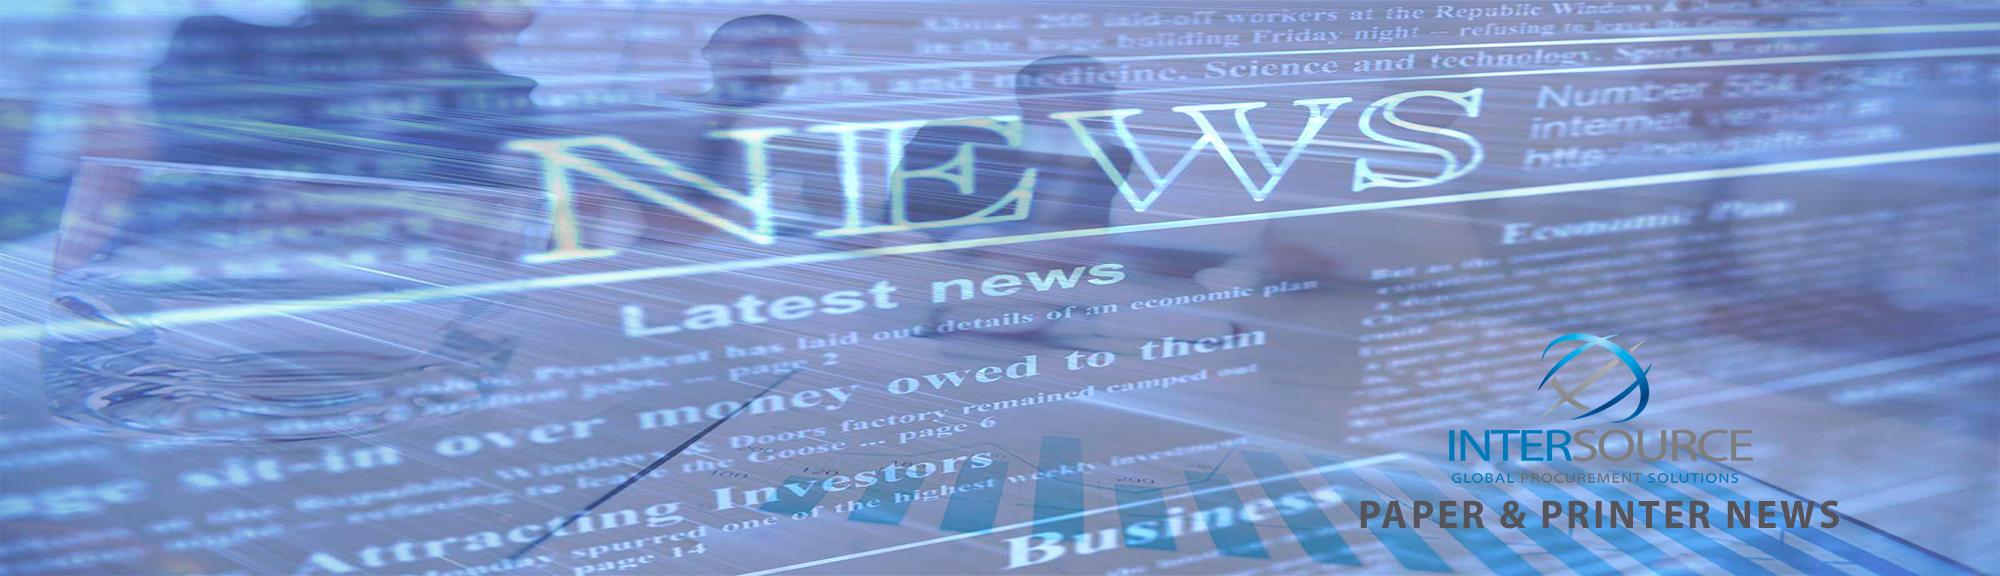 news header.jpg